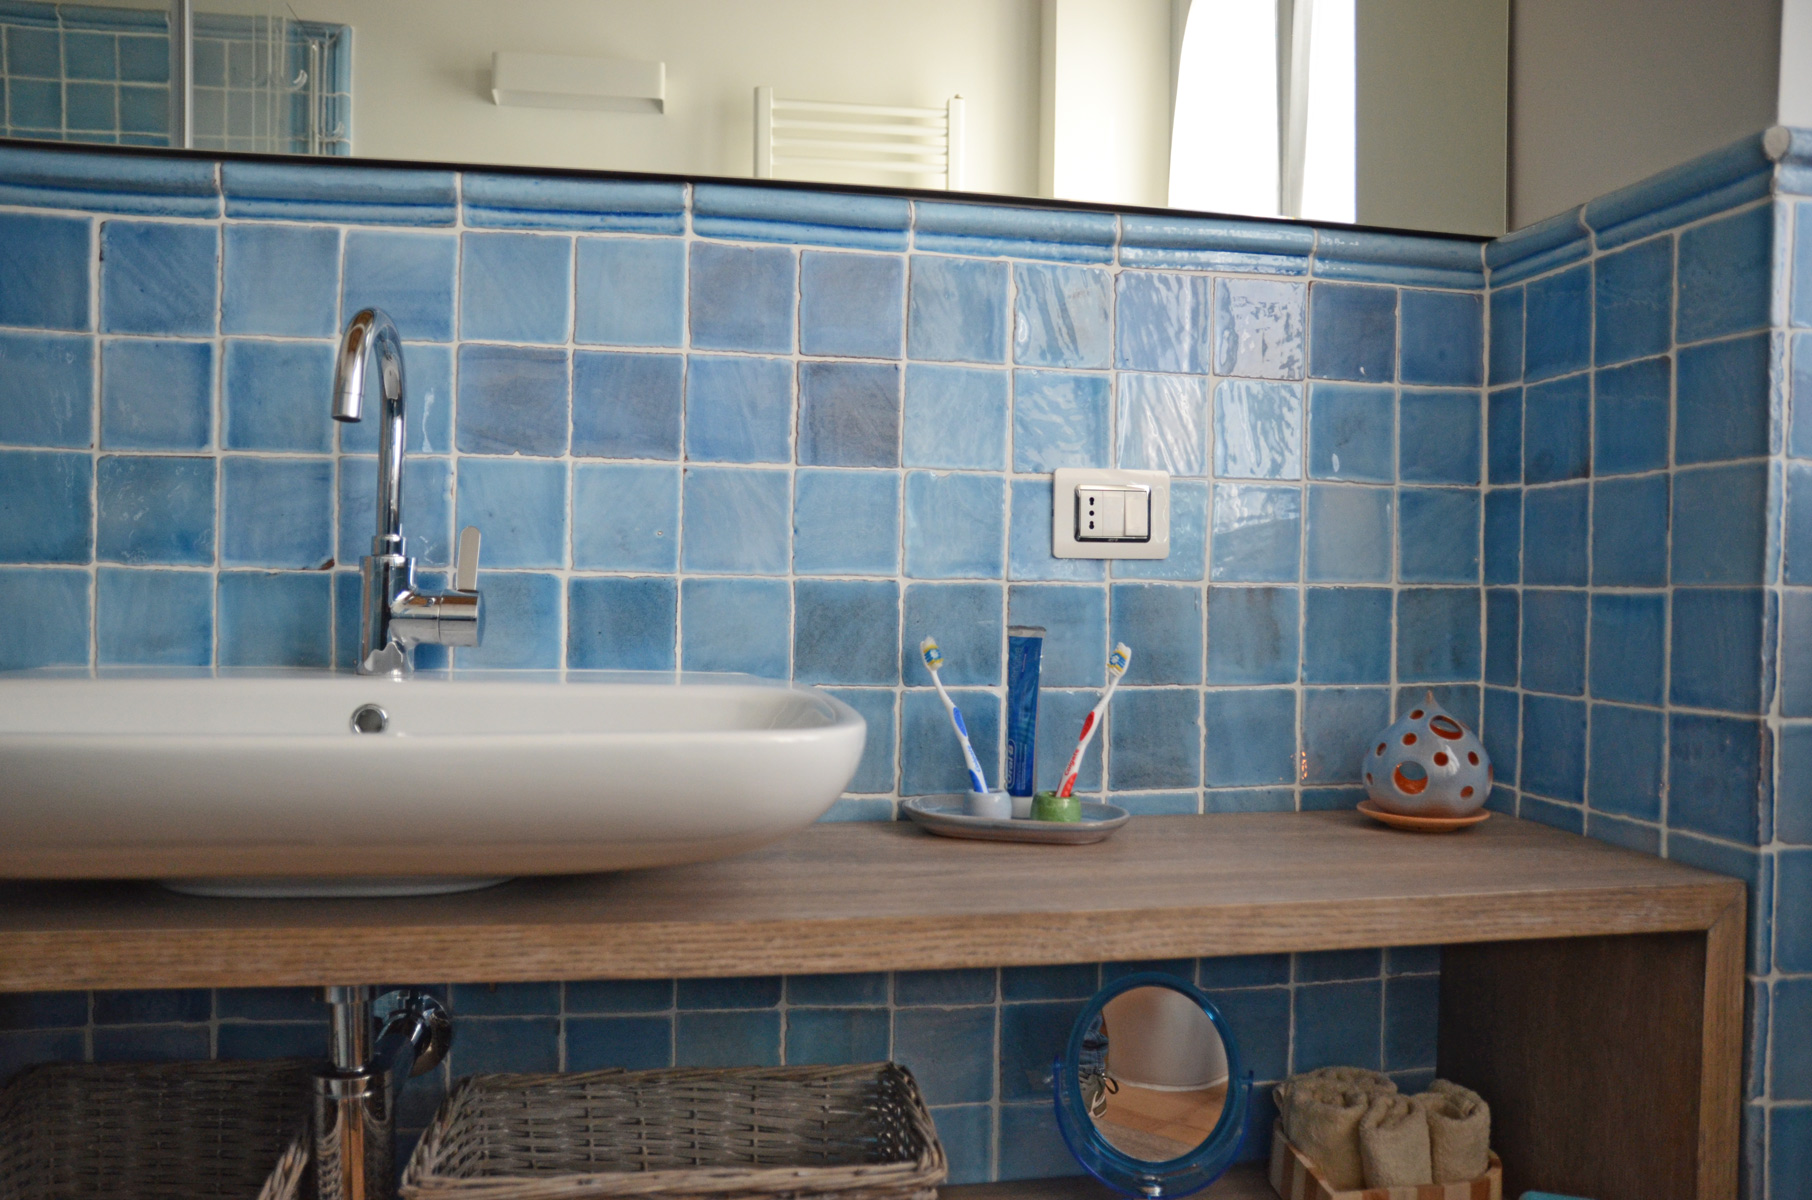 Prodotti Per Ravvivare Il Cotto bagno in cotto: idee per pavimenti, rivestimenti, maioliche